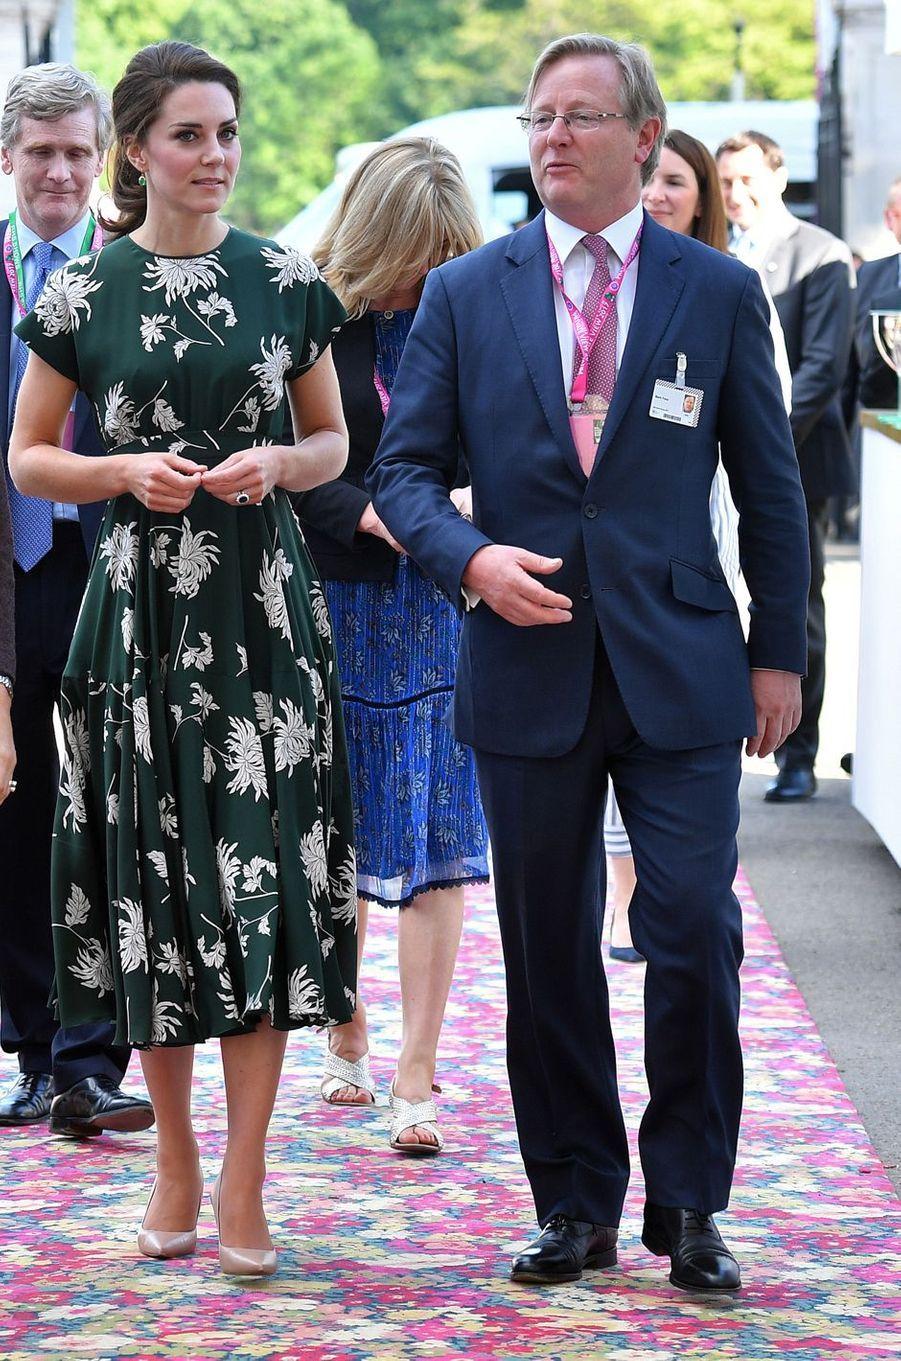 La duchesse de Cambridge, née Kate Middleton, dans une robe Rochas au Chelsea Flower Show à Londres, le 22 mai 2017